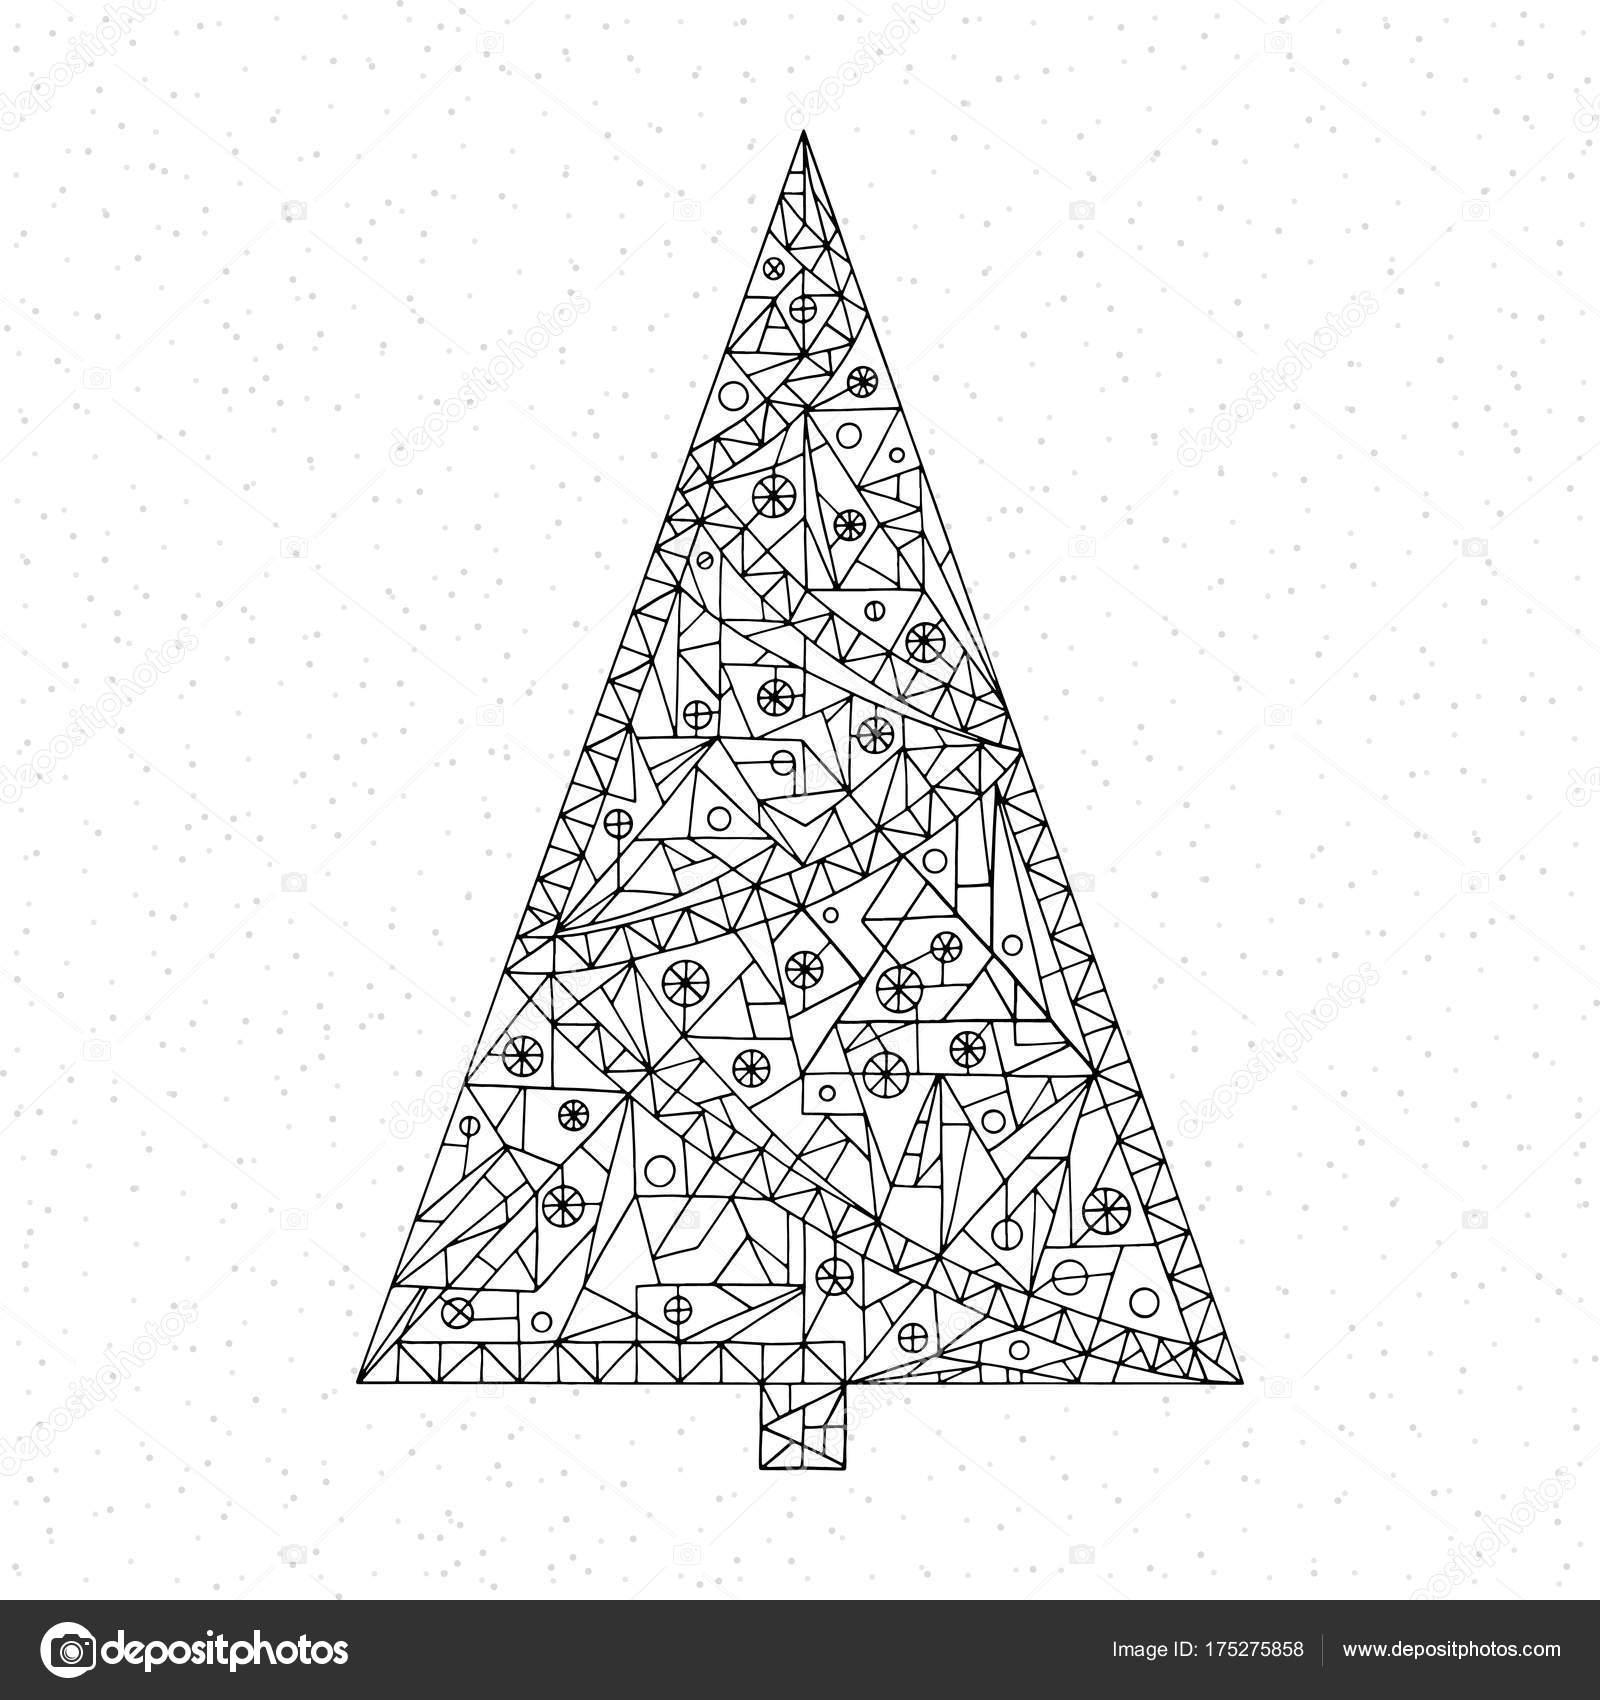 Kleurplaten Gelukkig Nieuwjaar.Kleurplaat Kerstboom Hand Getrokken Abstracte Winter Vakantie